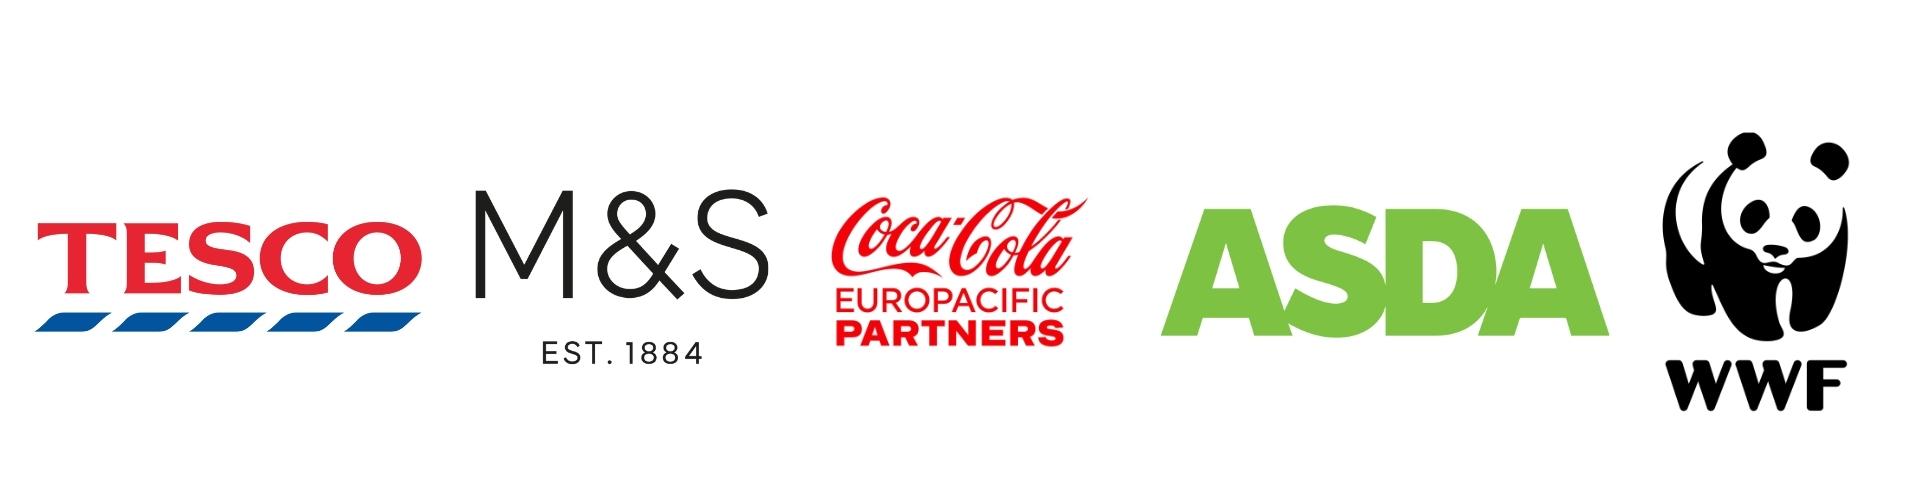 Logos for Tesco, M&S, Coca Cola Europacific, Asda, and WWF